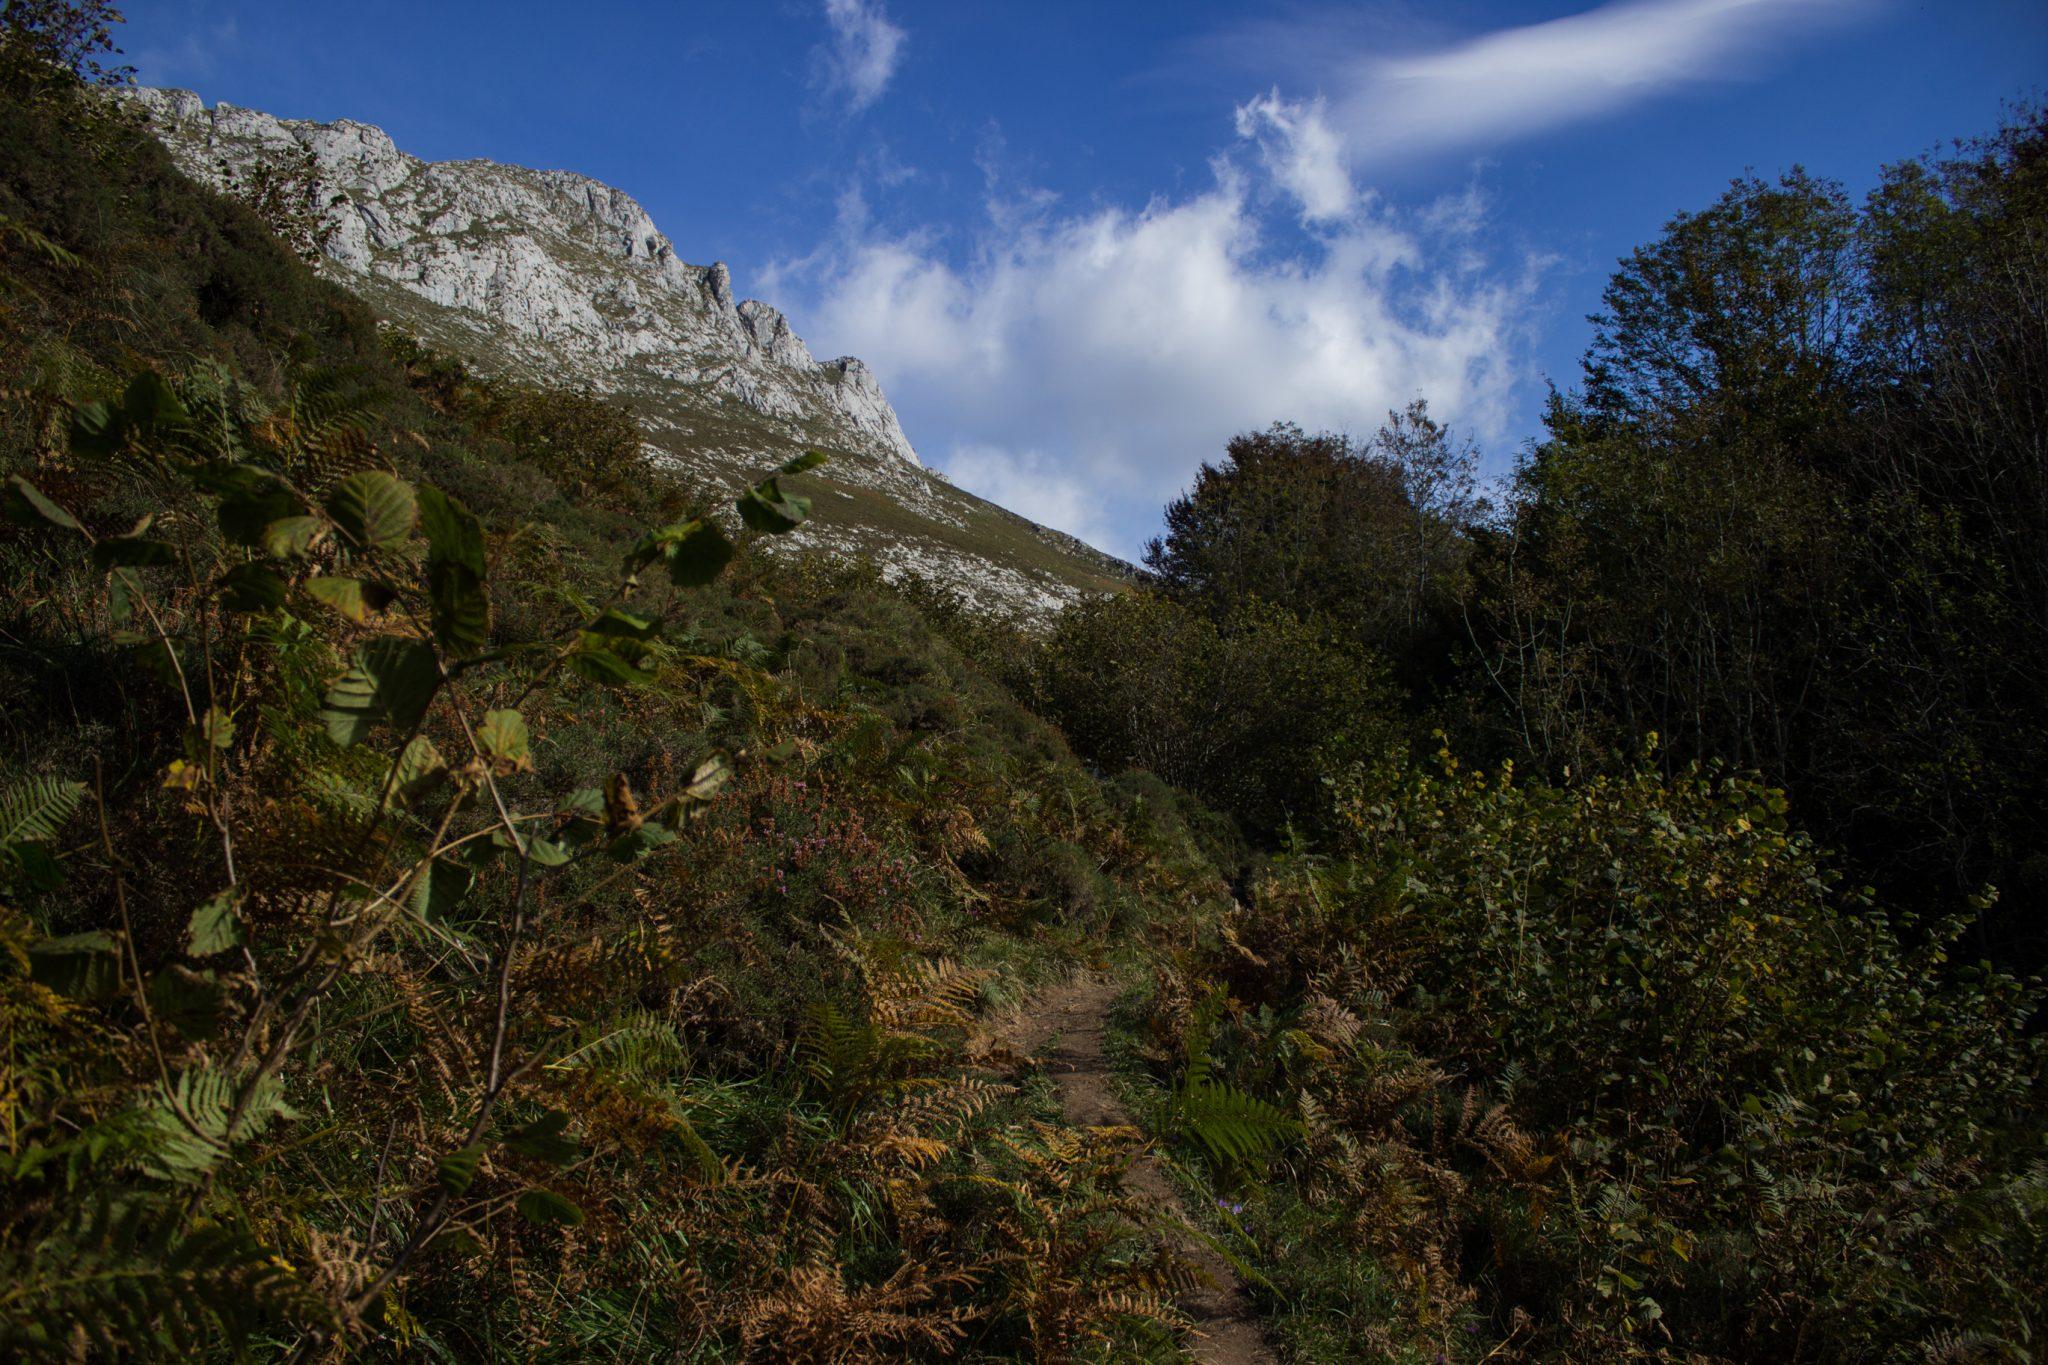 Wanderung Poncebos nach Bulnes in den Picos de Europa, schmaler Wanderpfad, saftig grüne Wiese, Steine und Geröll, tolles Wanderwetter